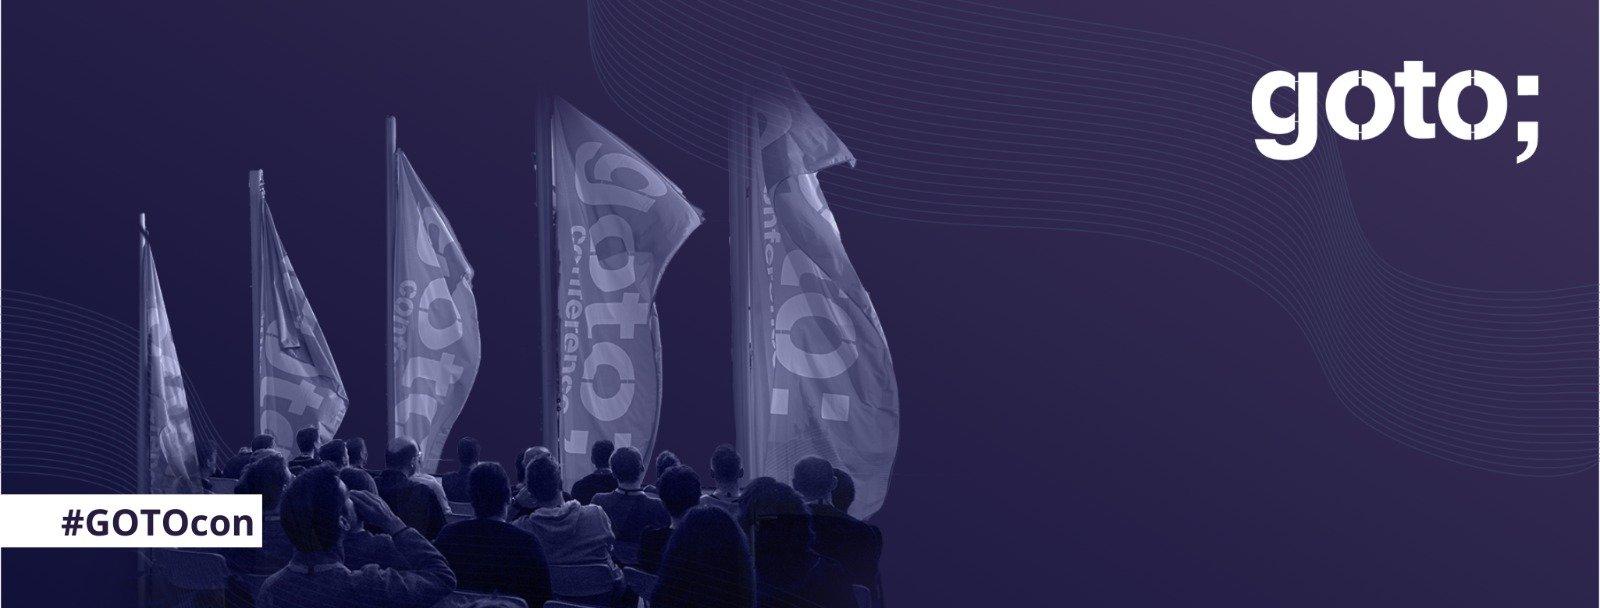 Del formato presencial al online: Cómo uno de los congresos más grandes de desarrollo de software lo hizo y triunfó